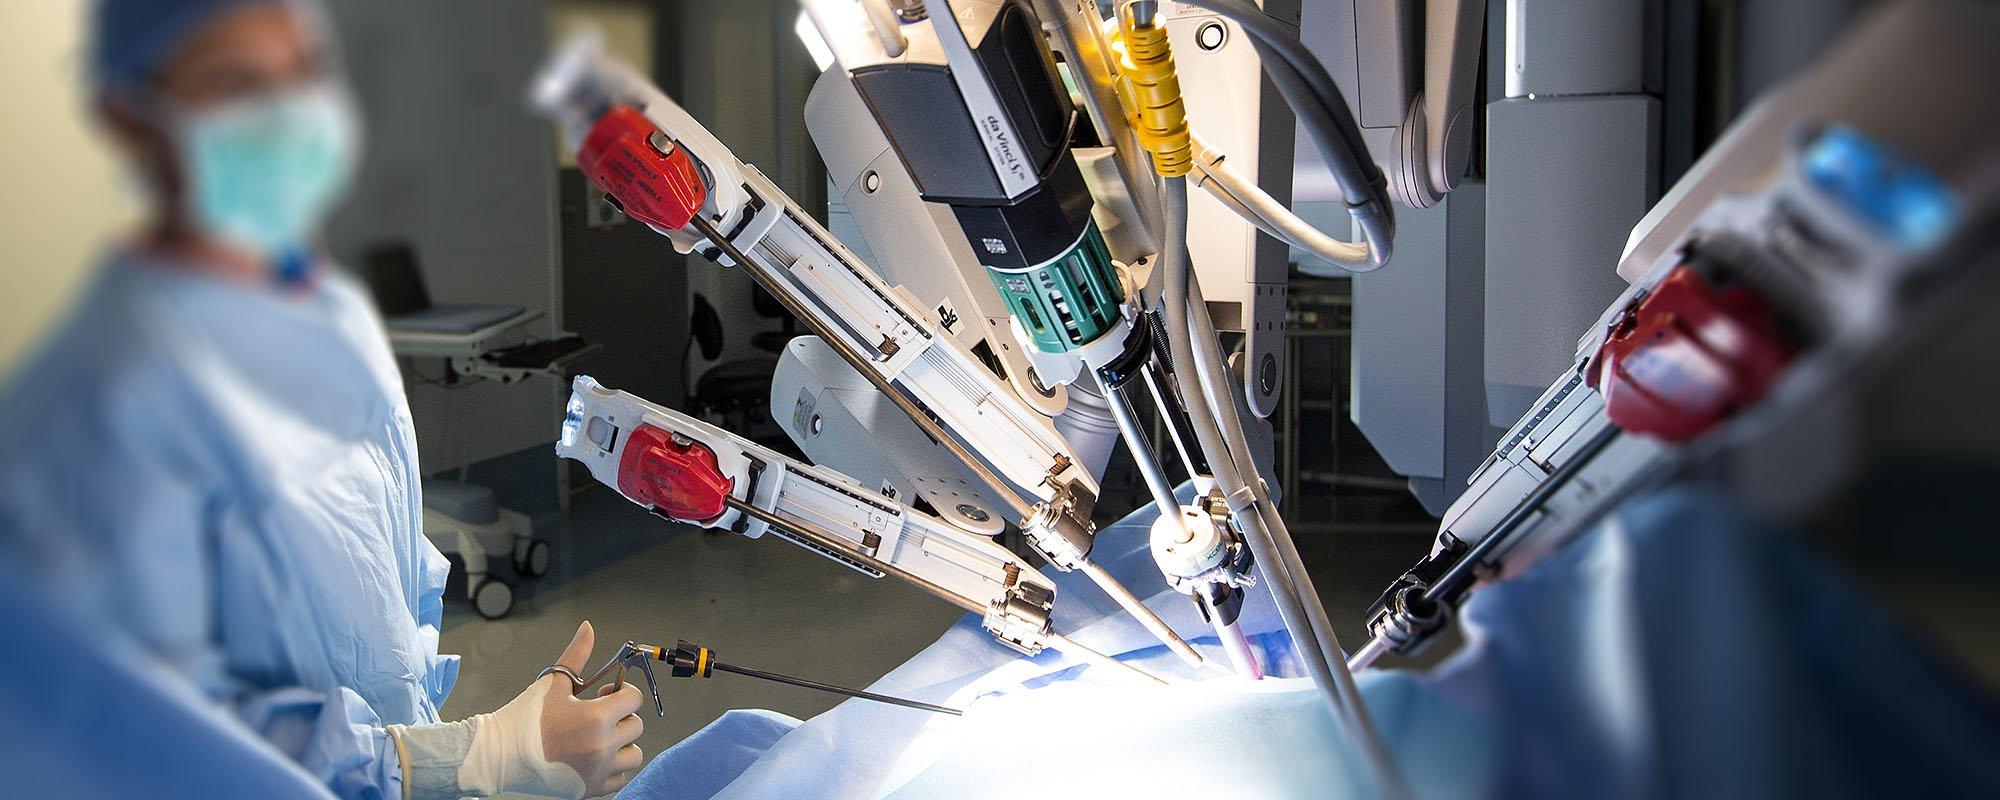 Ρομποτική ακρίβεια - ανθρώπινη δεξιοτεχνία